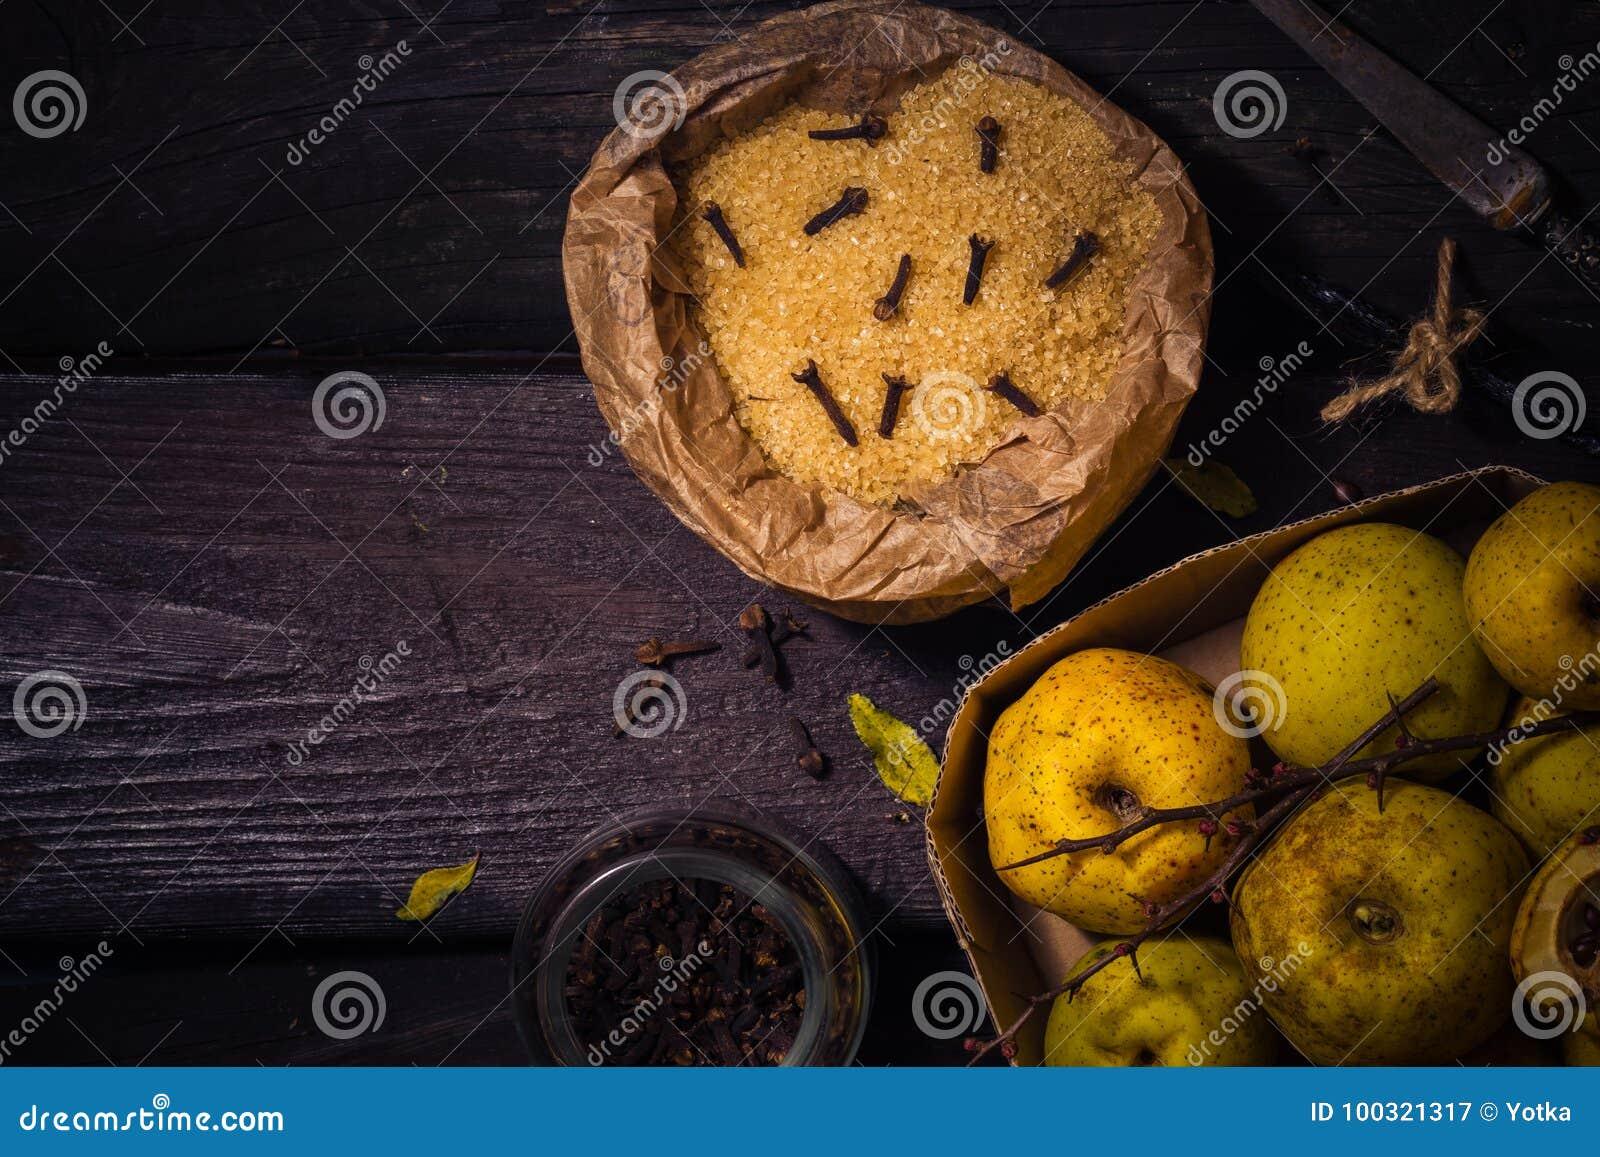 Baunilha w dos cravos-da-índia do açúcar do marmelo dos galhos dos frutos das tinturas dos ingredientes